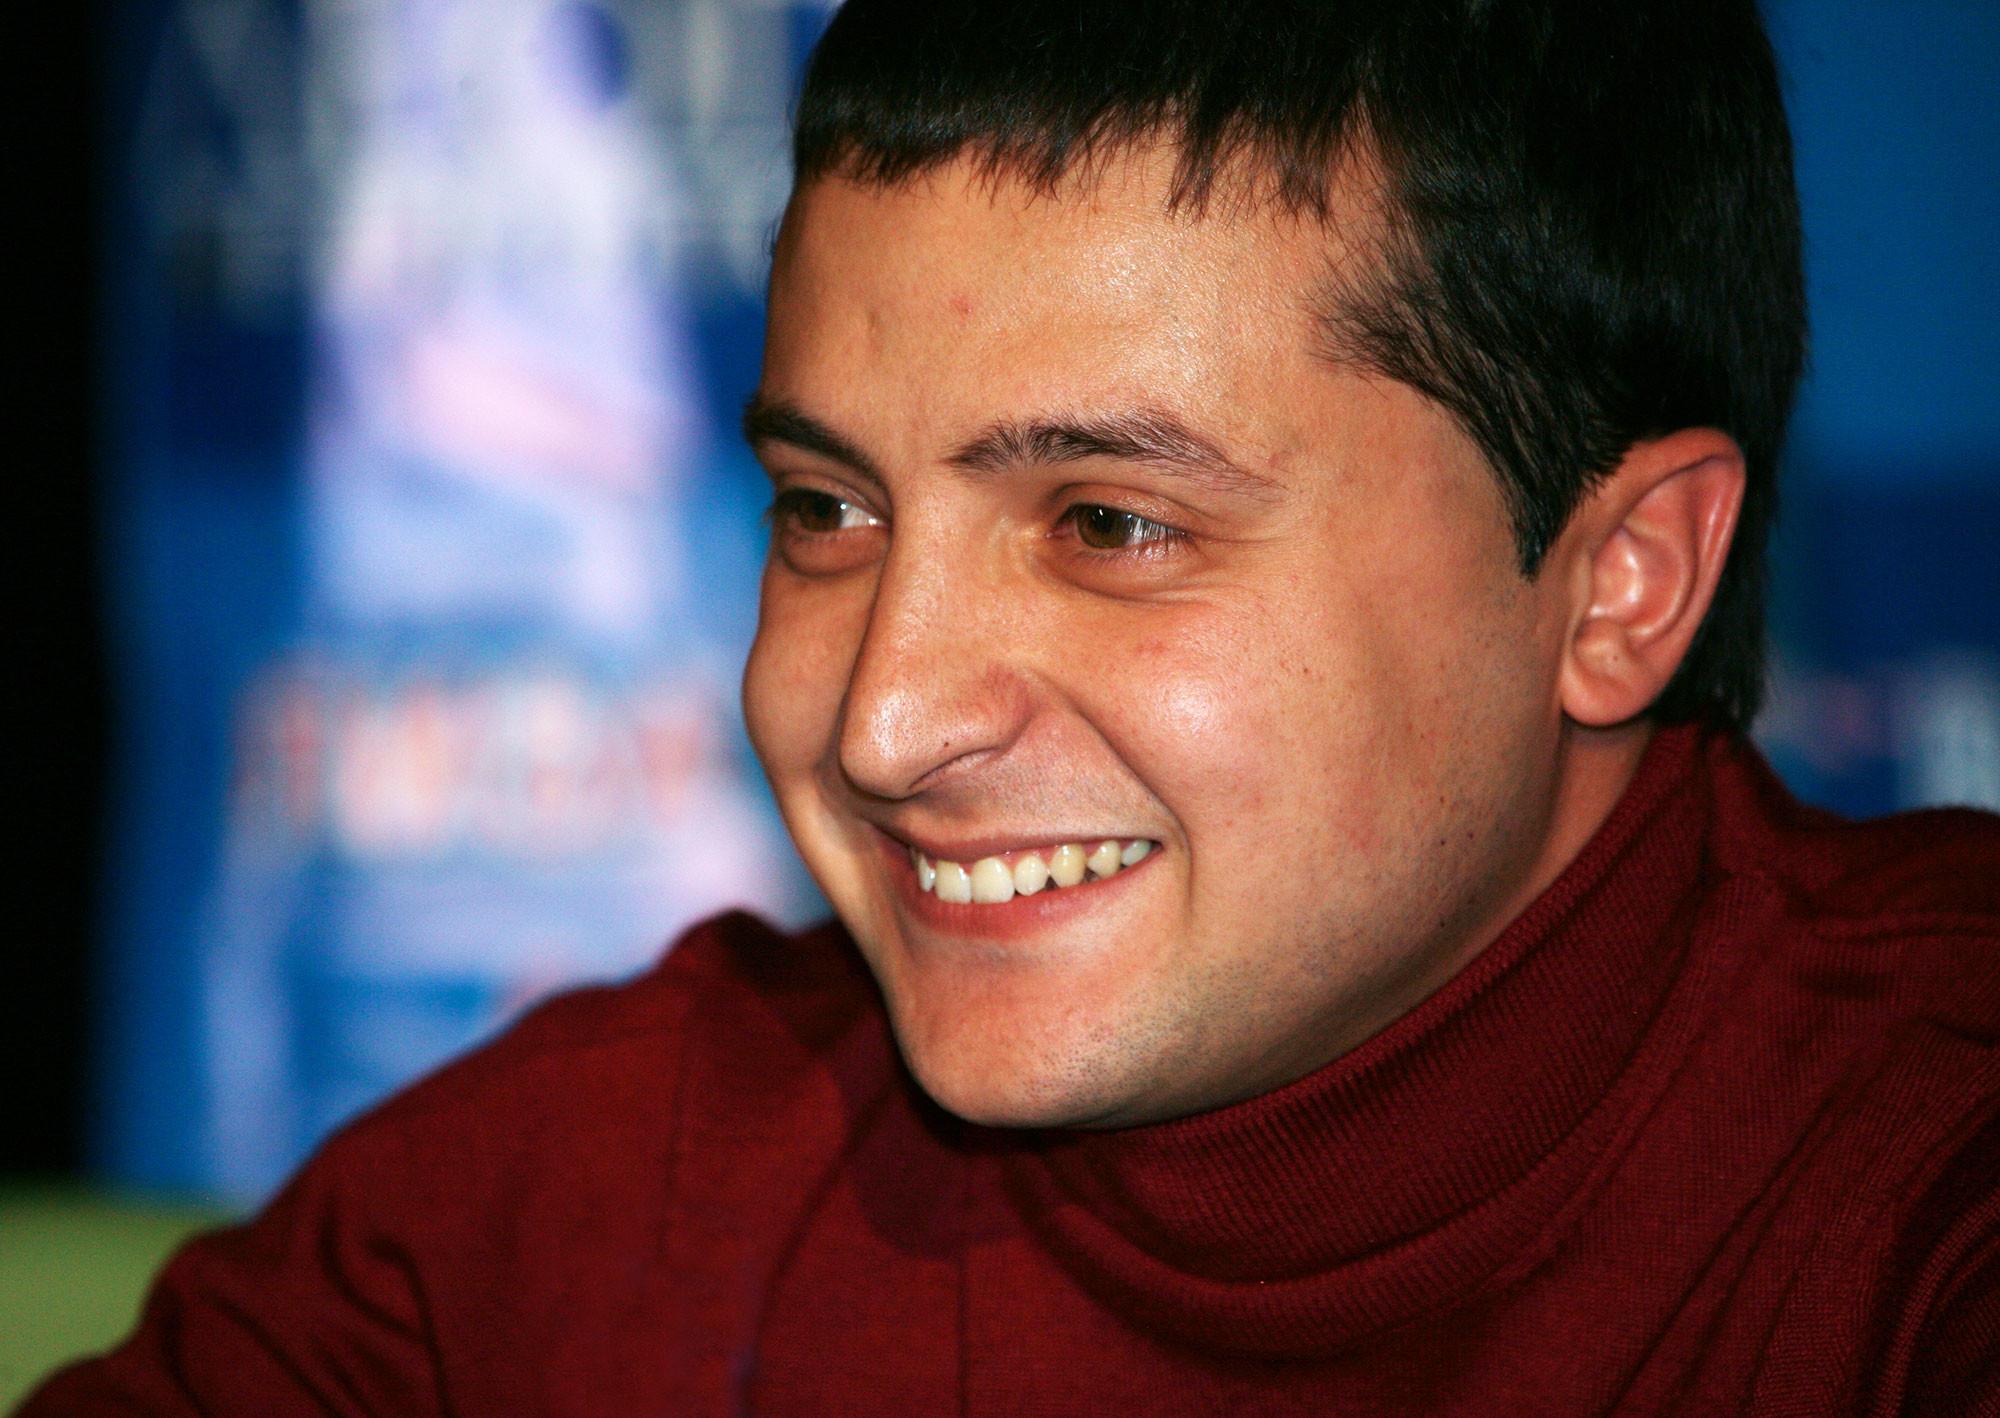 Актёр Владимир Зеленский. Фото: ©РИА Новости / Екатерина Чеснокова